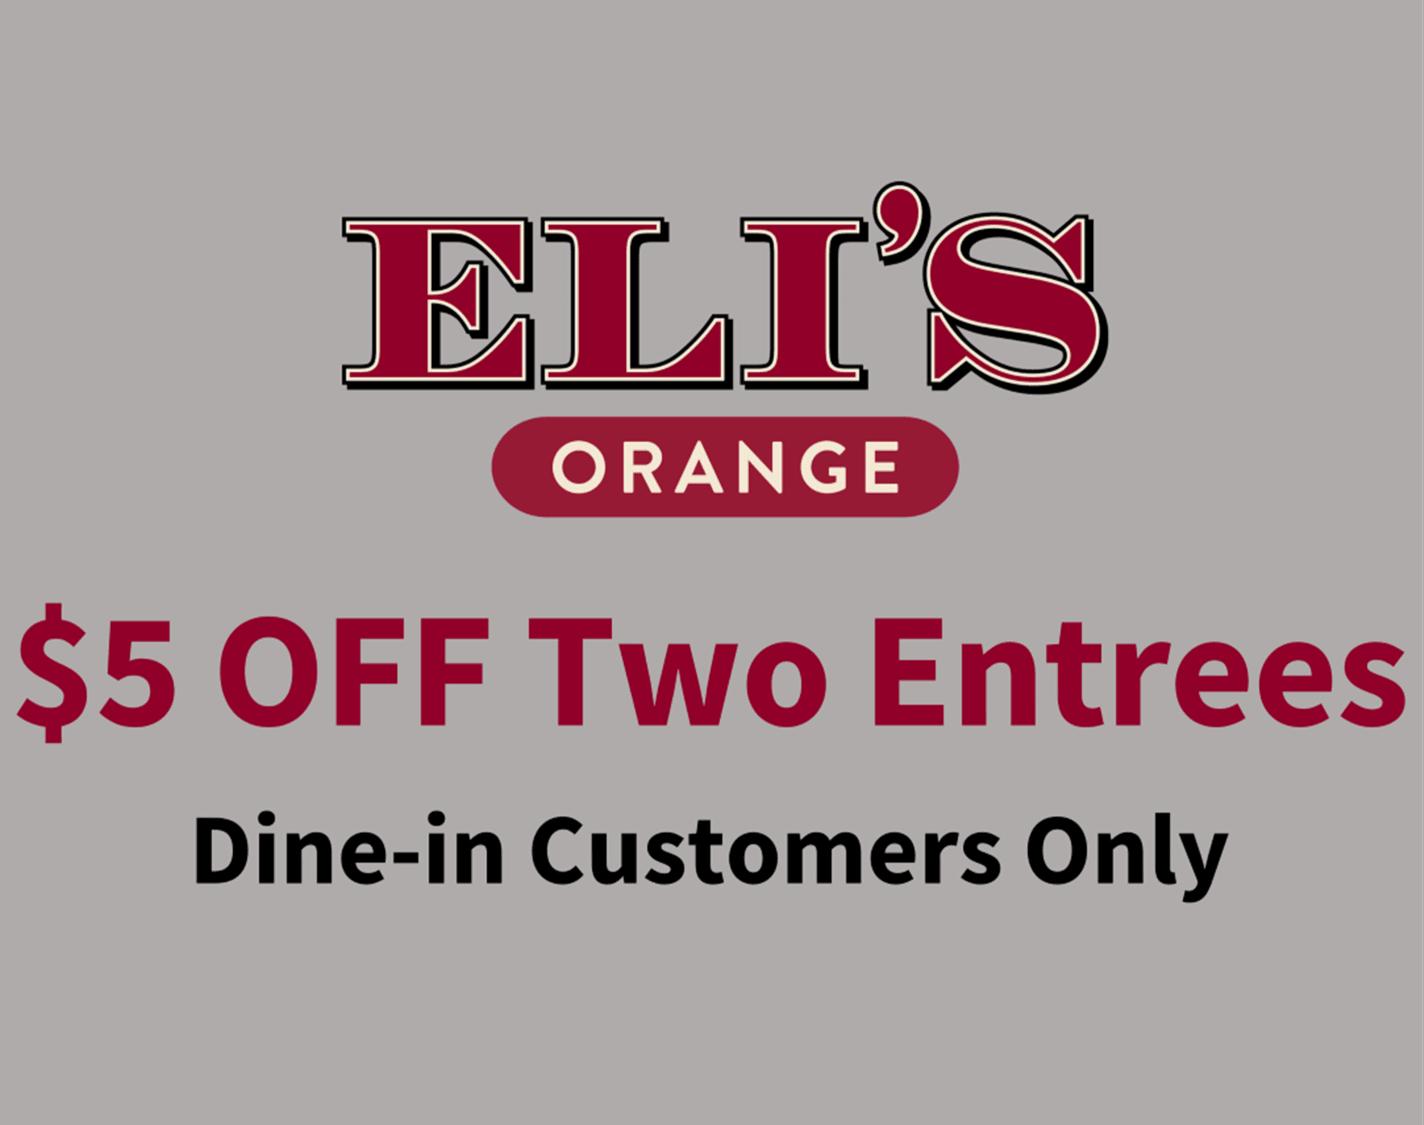 Elis Orange Discount on Entrees